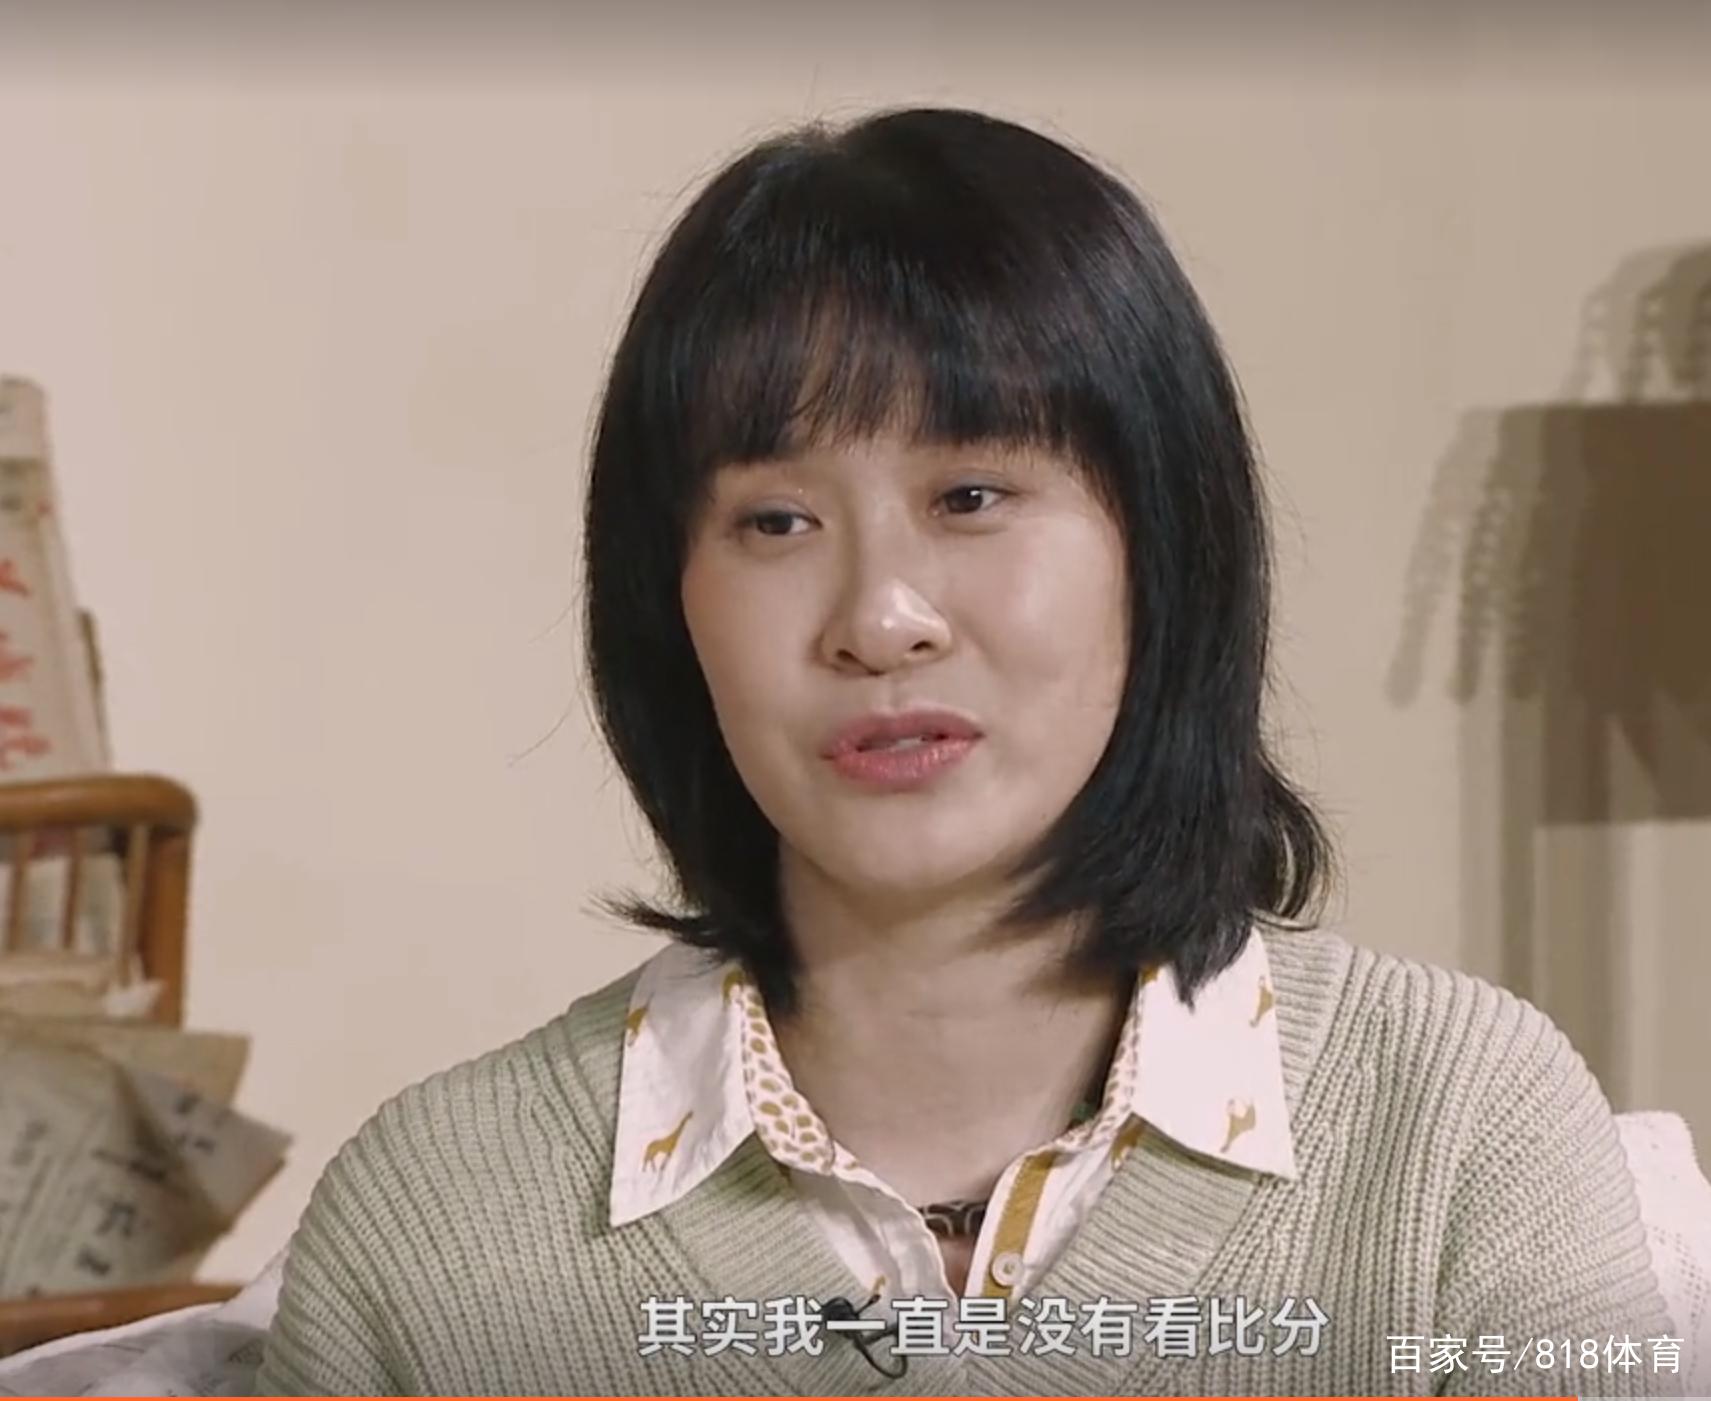 暖!赵蕊蕊骨折被张萍搀上奥运领奖台,感恩冯坤:谢谢你们送我金牌